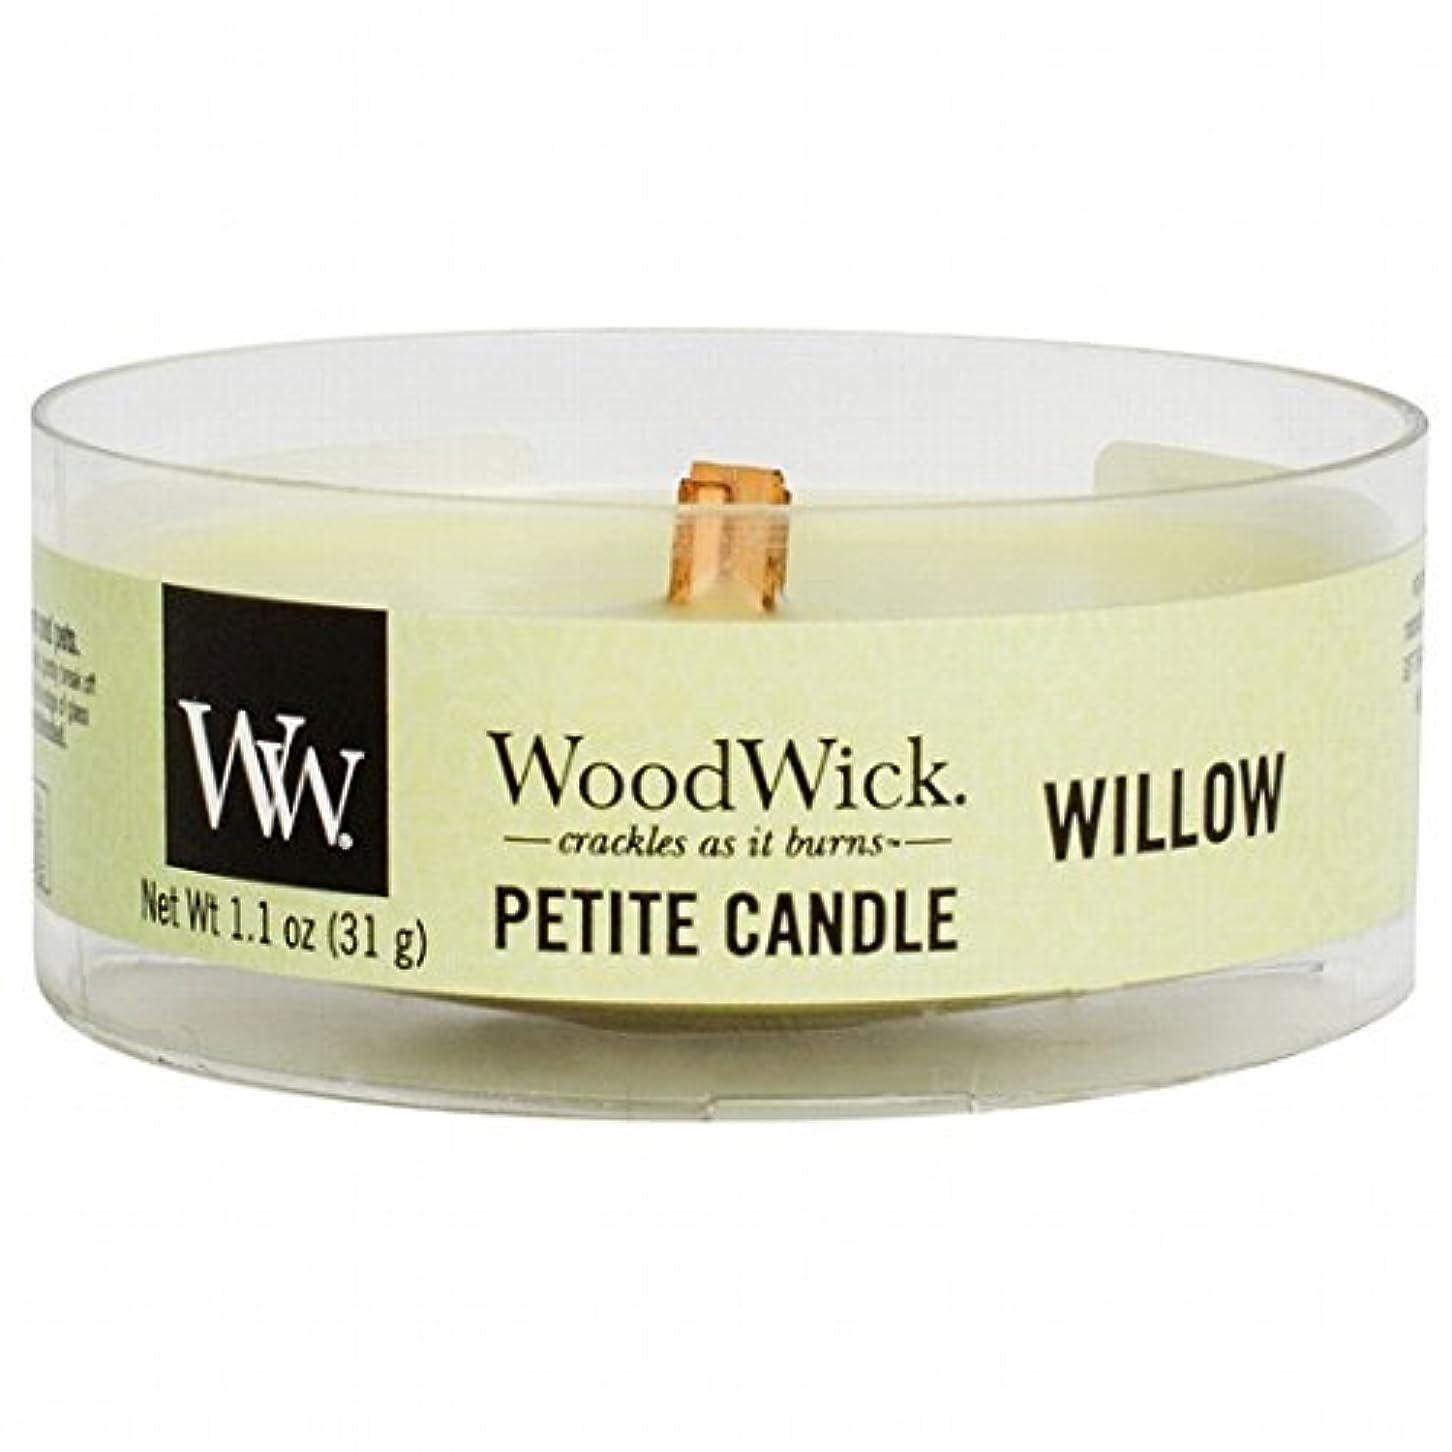 飾る先例憂鬱WoodWick(ウッドウィック) プチキャンドル 「 ウィロー 」(WW9030525)